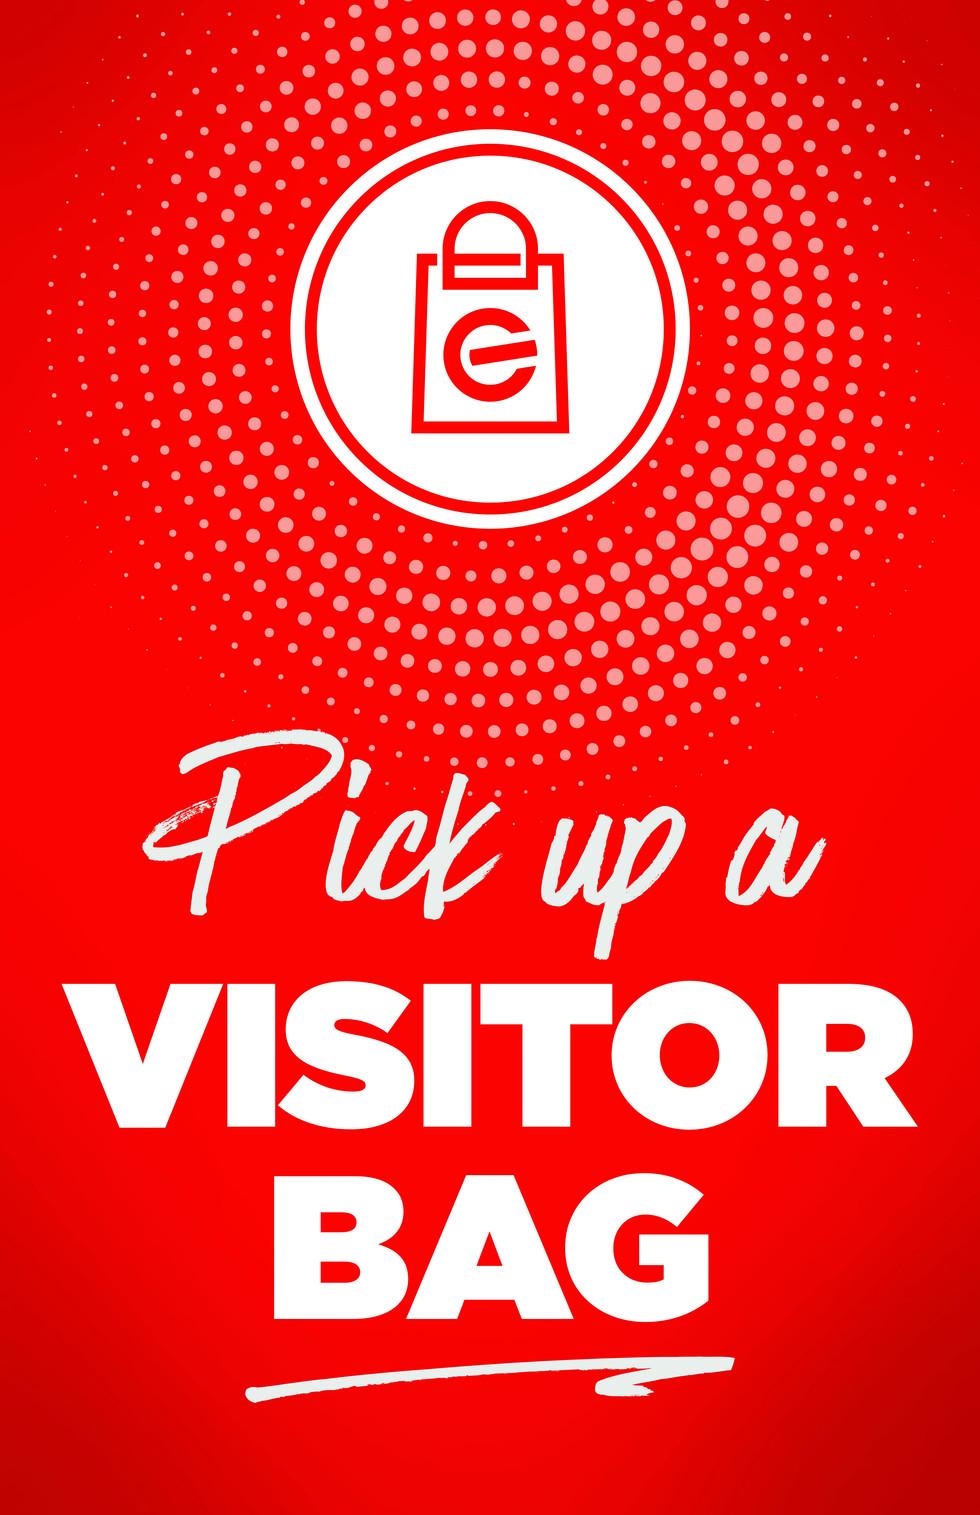 VisitorBag_2.jpg